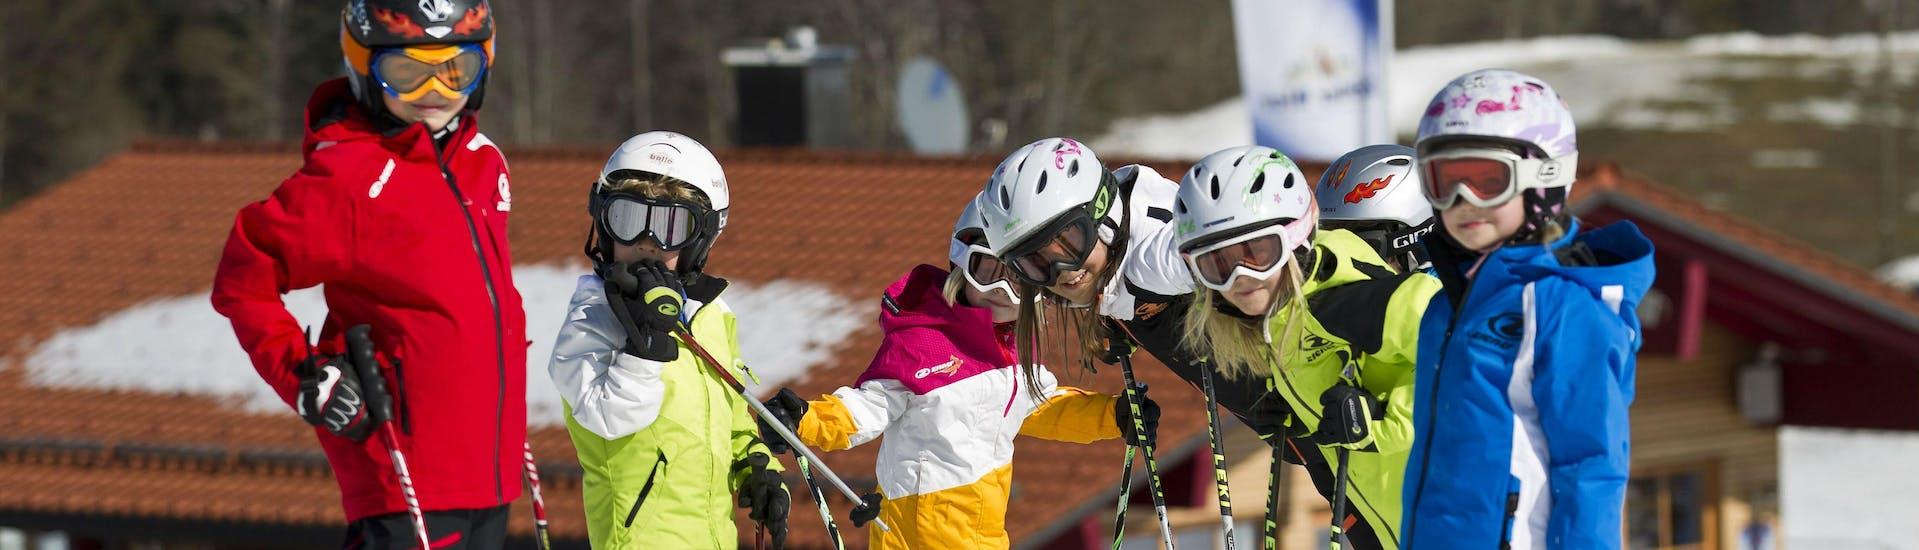 Cours particulier de ski Enfants pour Tous niveaux avec Kristall Schischule - Hero image